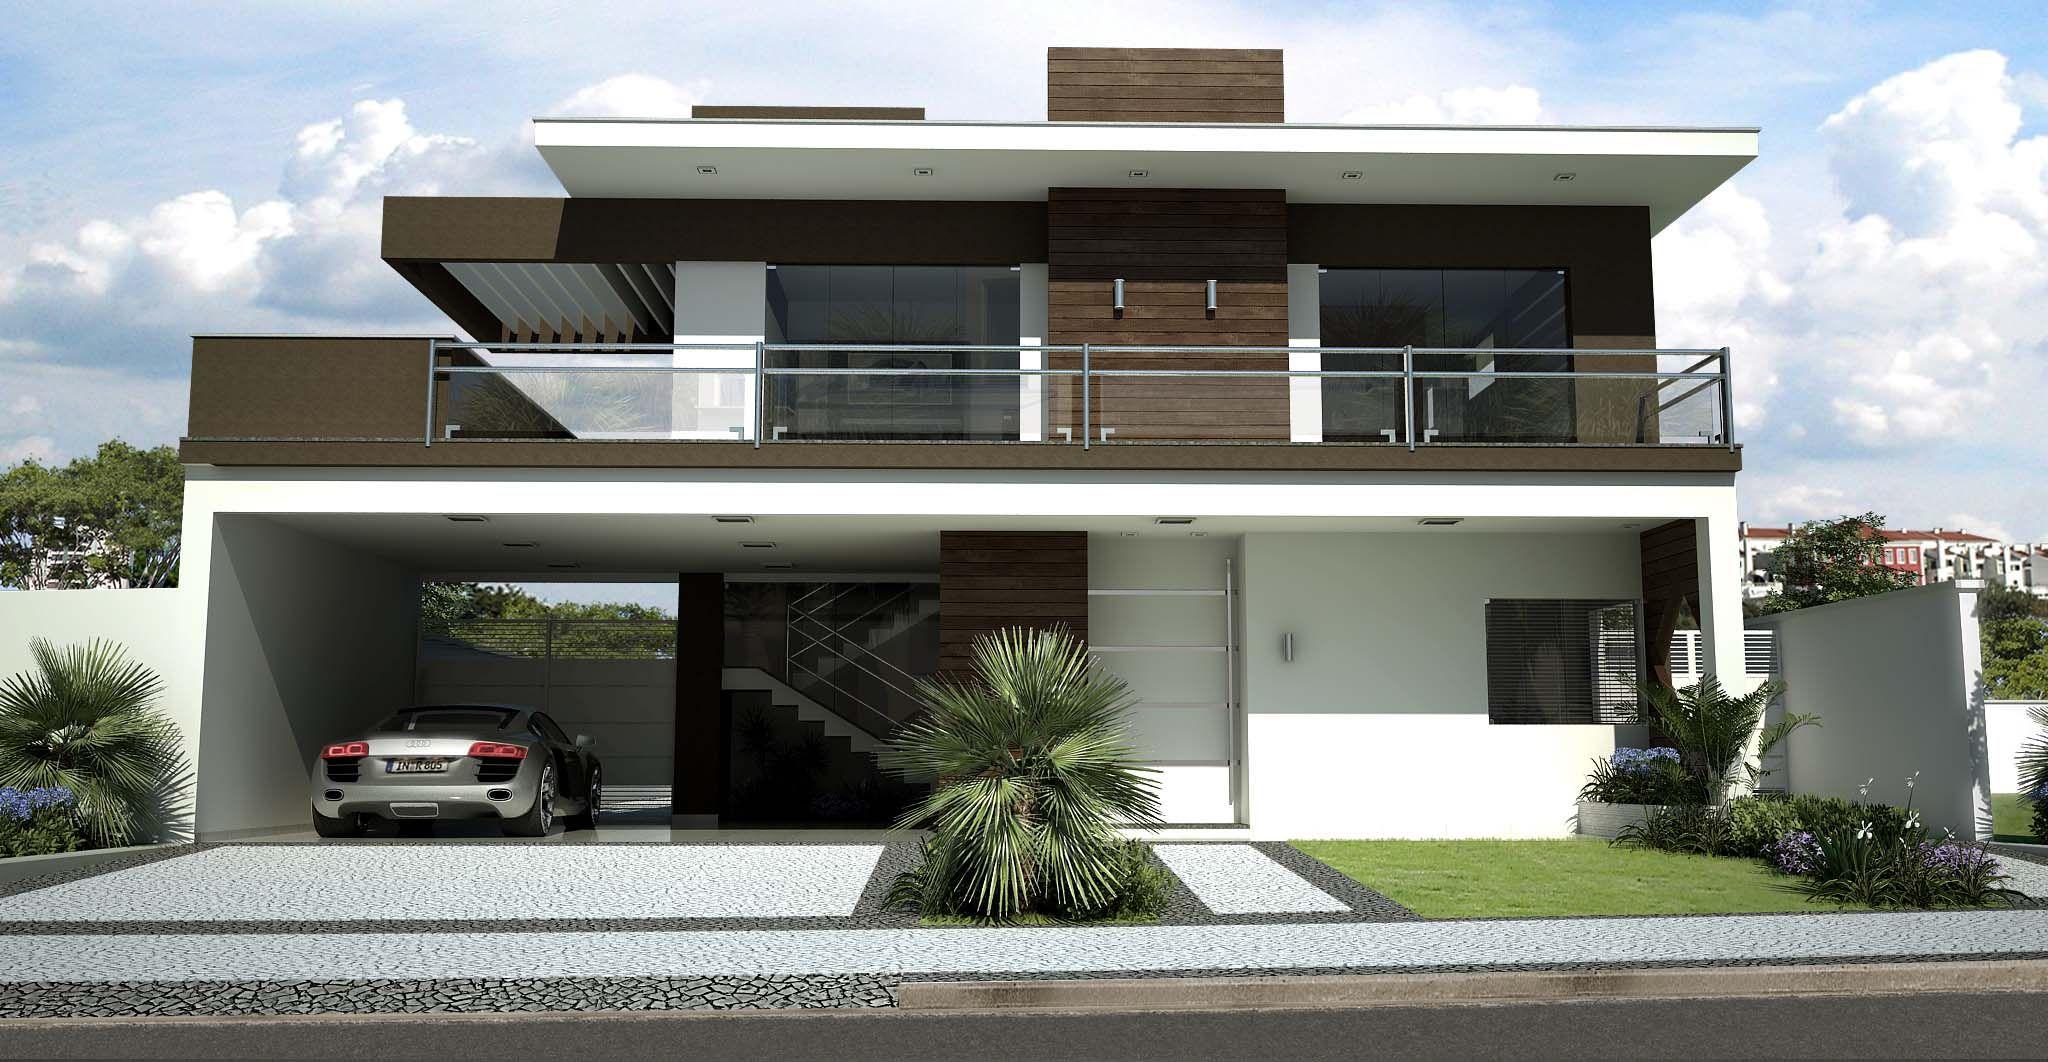 Casa fachada pesquisa google arquitetura pinterest - Fachada de casa ...